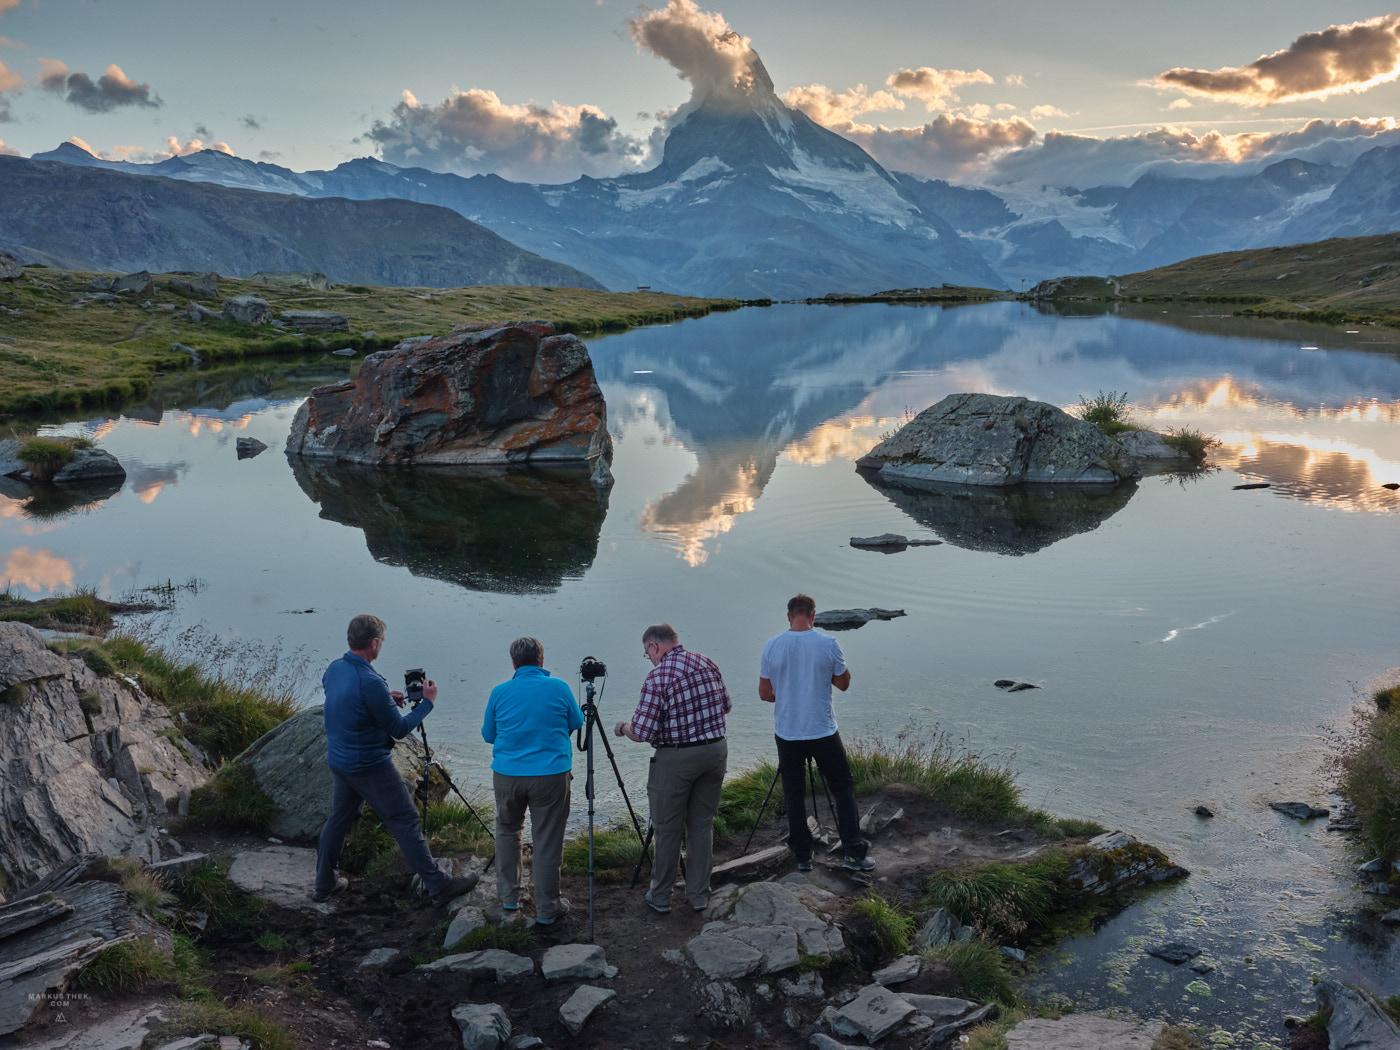 Ein Fotokurs in der Matterhorn-Region. In den Bergen lernen wir das Fotografieren.